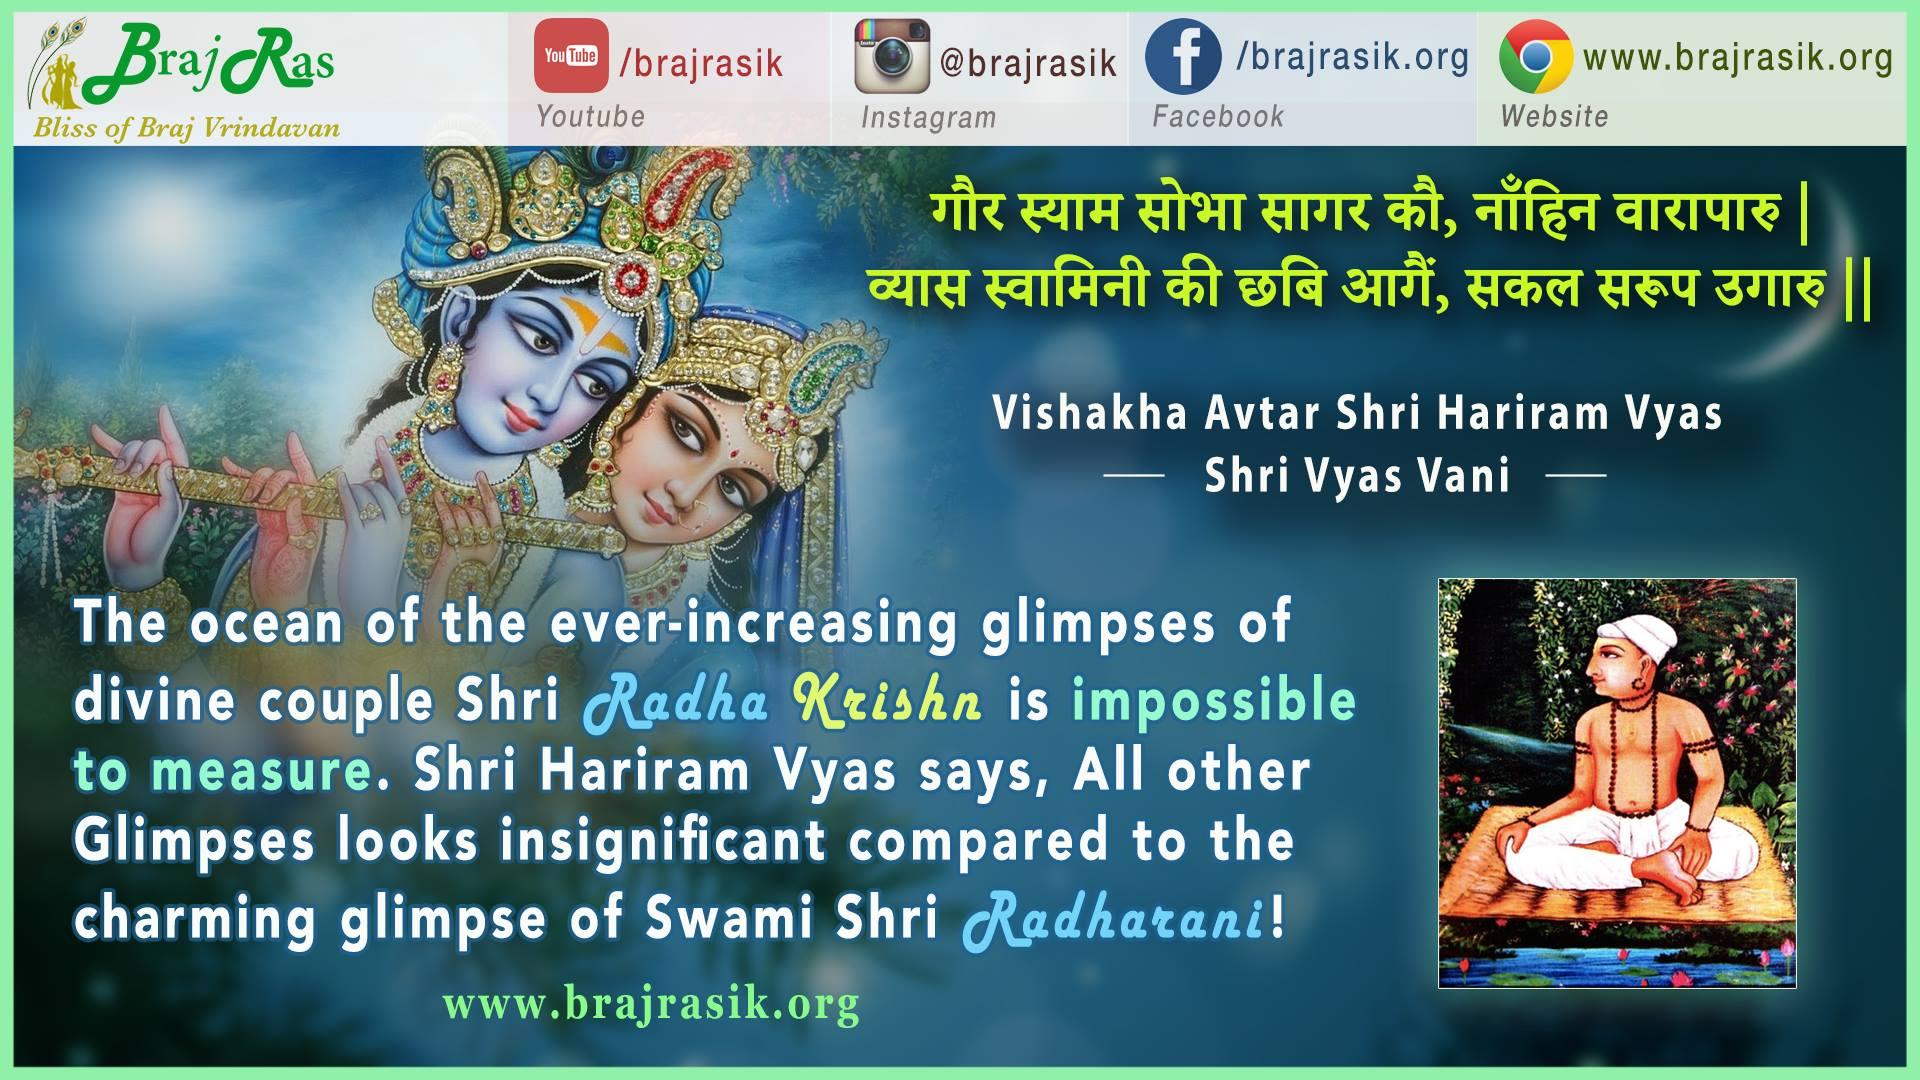 Gaur Shyam Shobha Sagar Kou, Nahin Varaparu - Vishakha Avtar Shri Hariram Vyas, Shri Vyas Vani